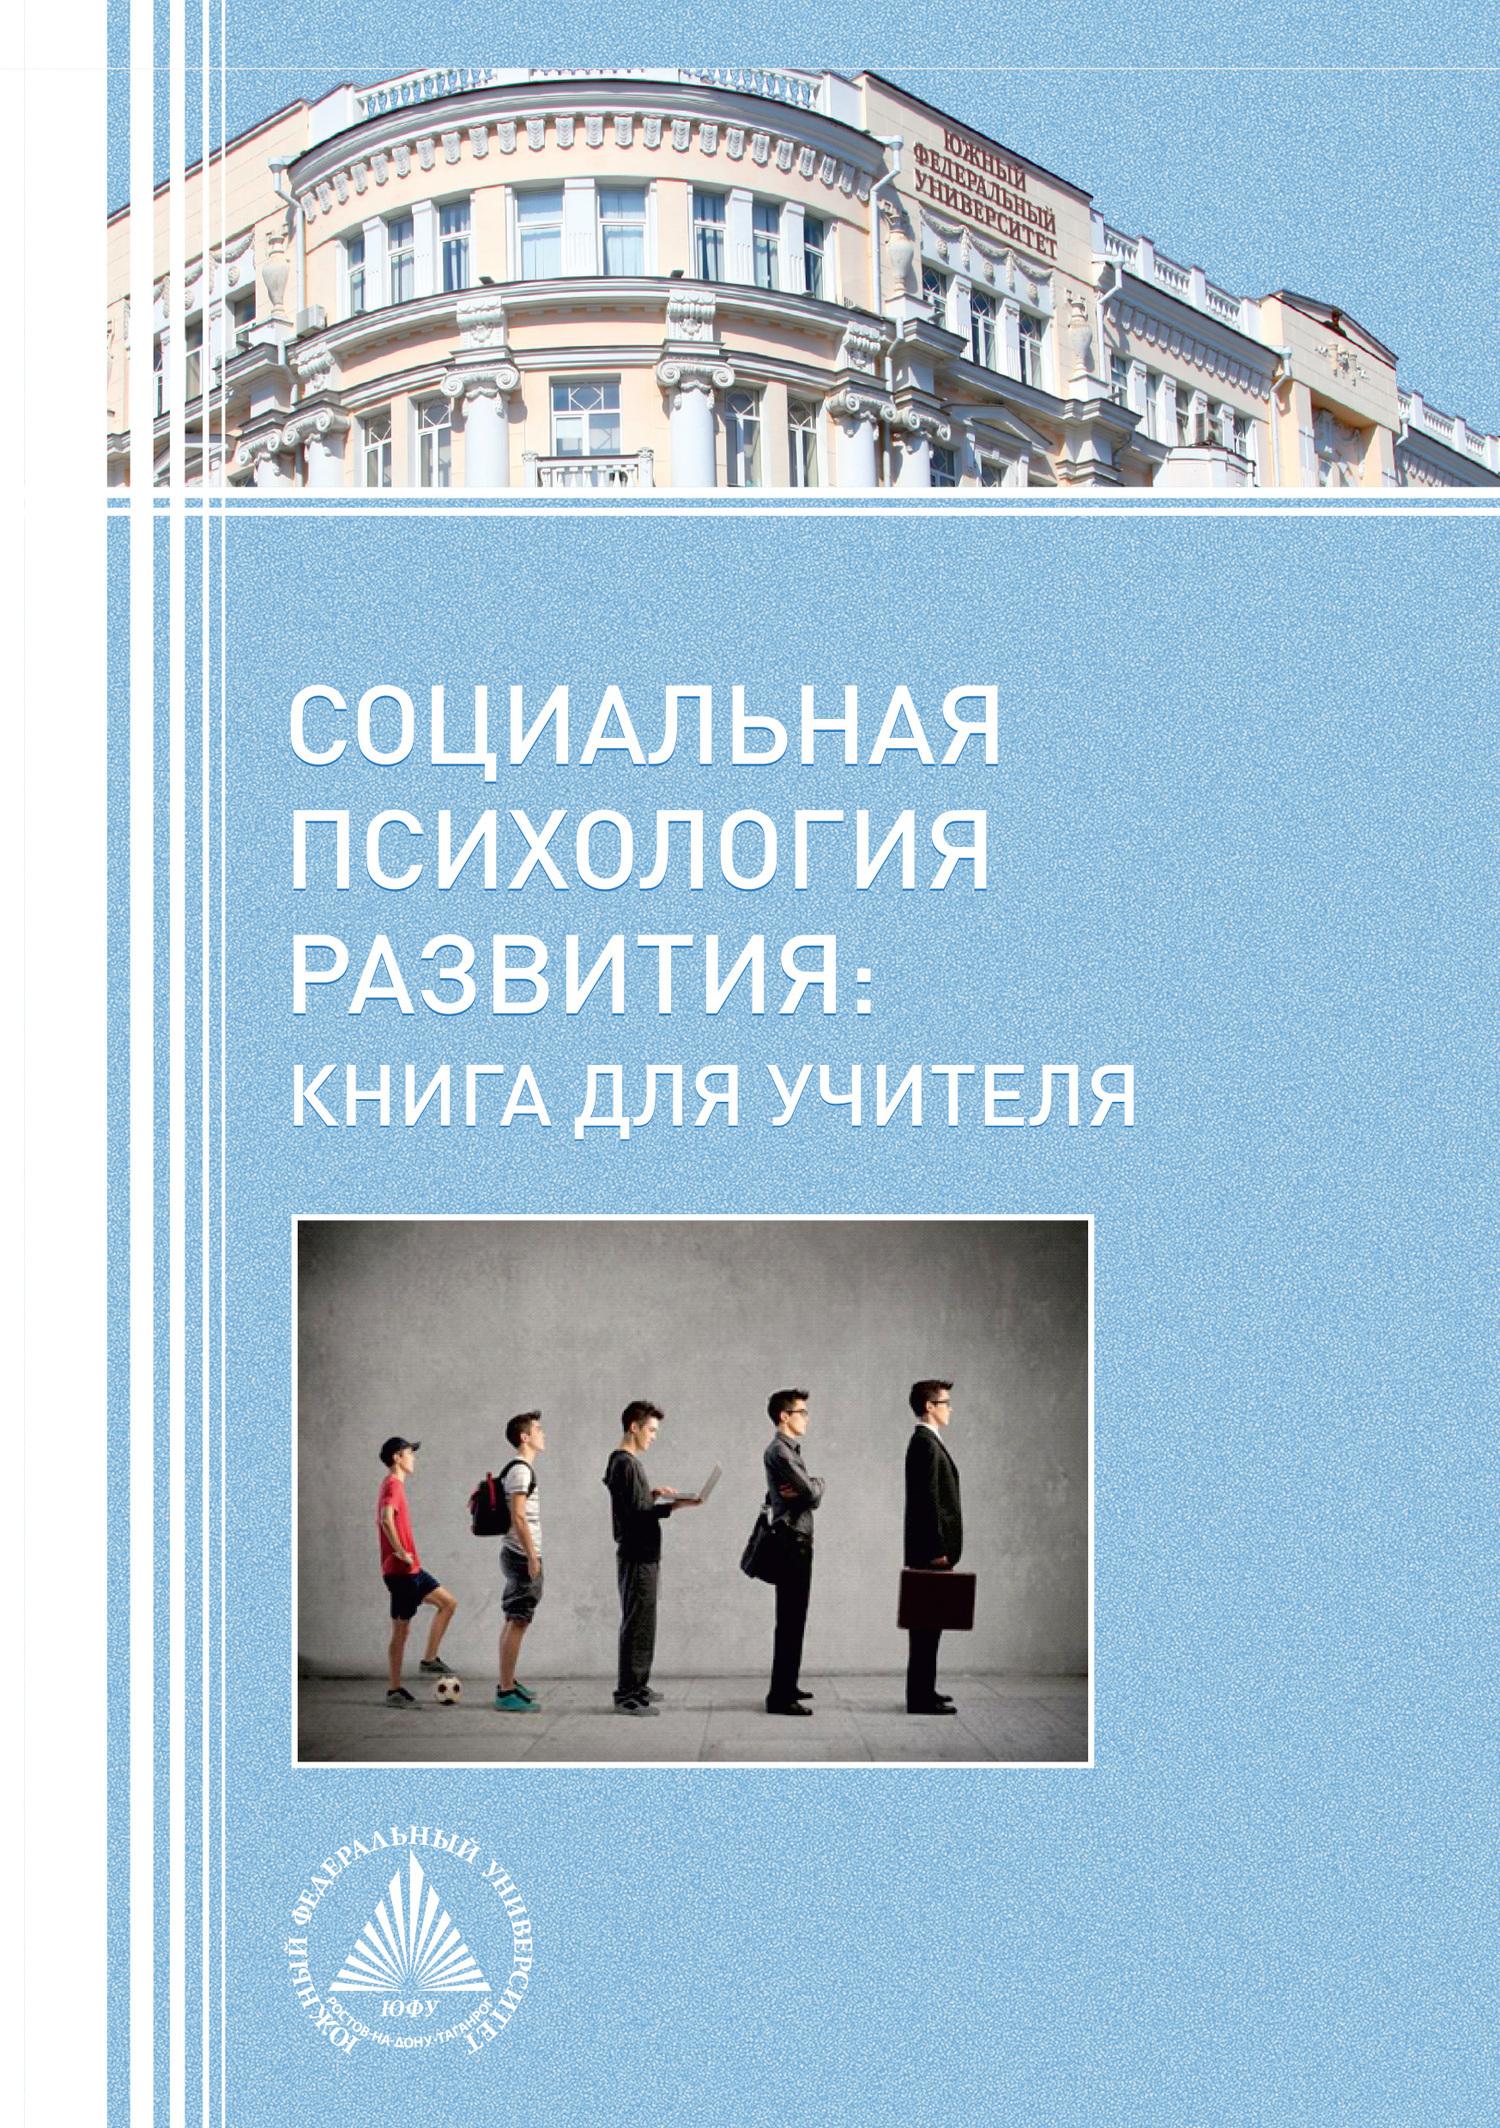 Социальная психология развития. Книга для учителя